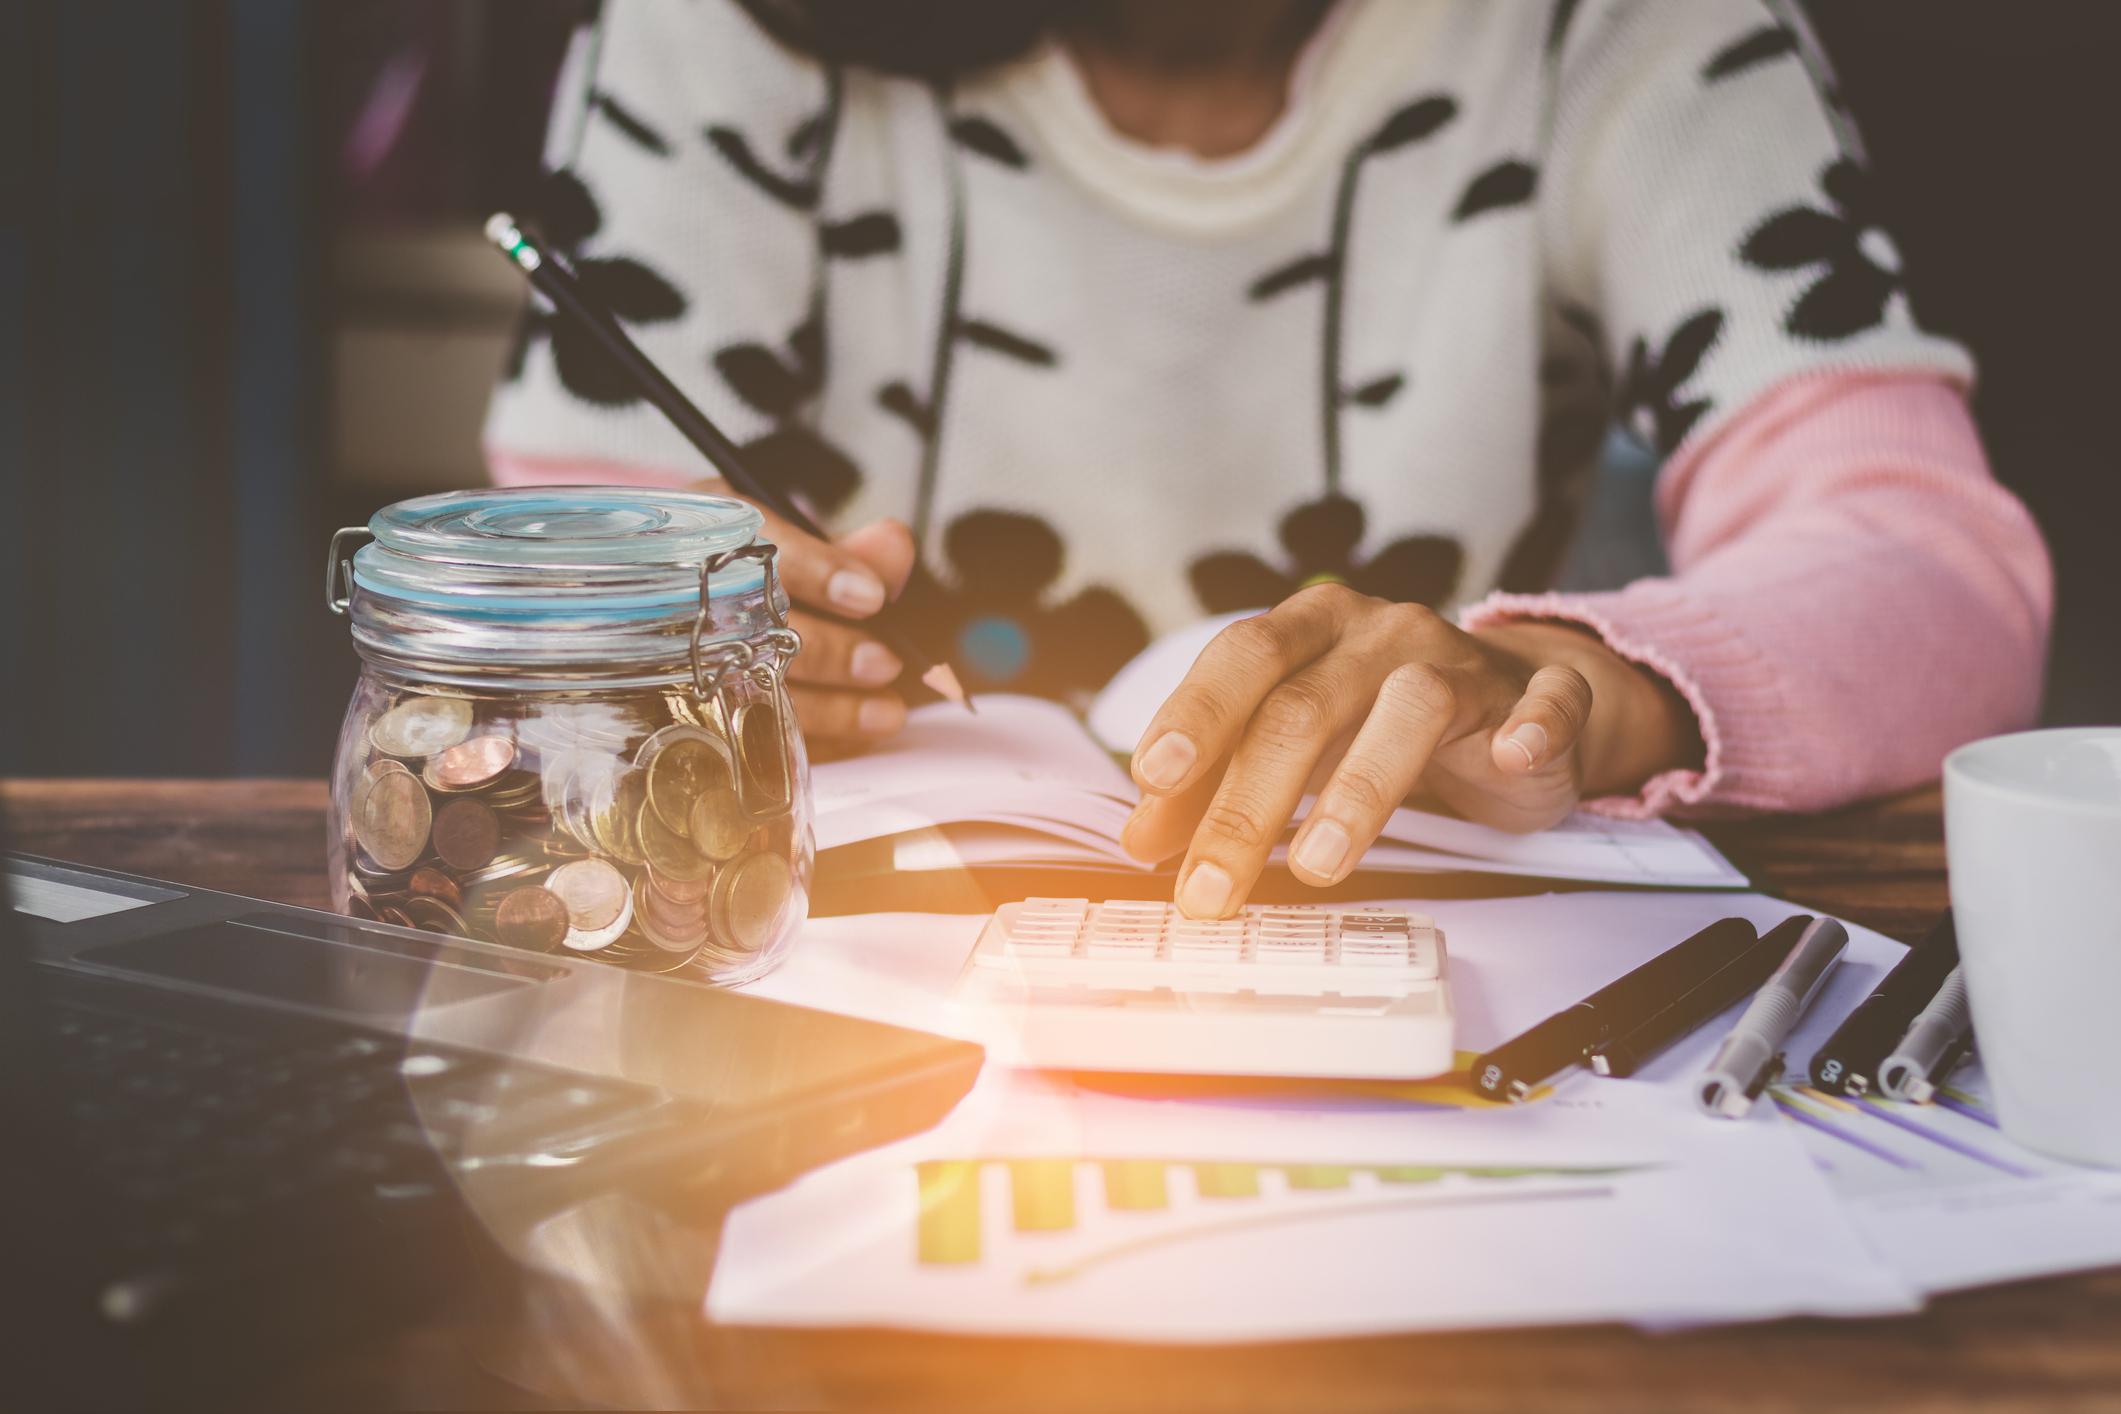 Osobne financije tiču se vaše sadašnjosti, ali i budućnosti. To znači da kontrola vaših prihoda i rashoda pomaže vama i vašoj obitelji.